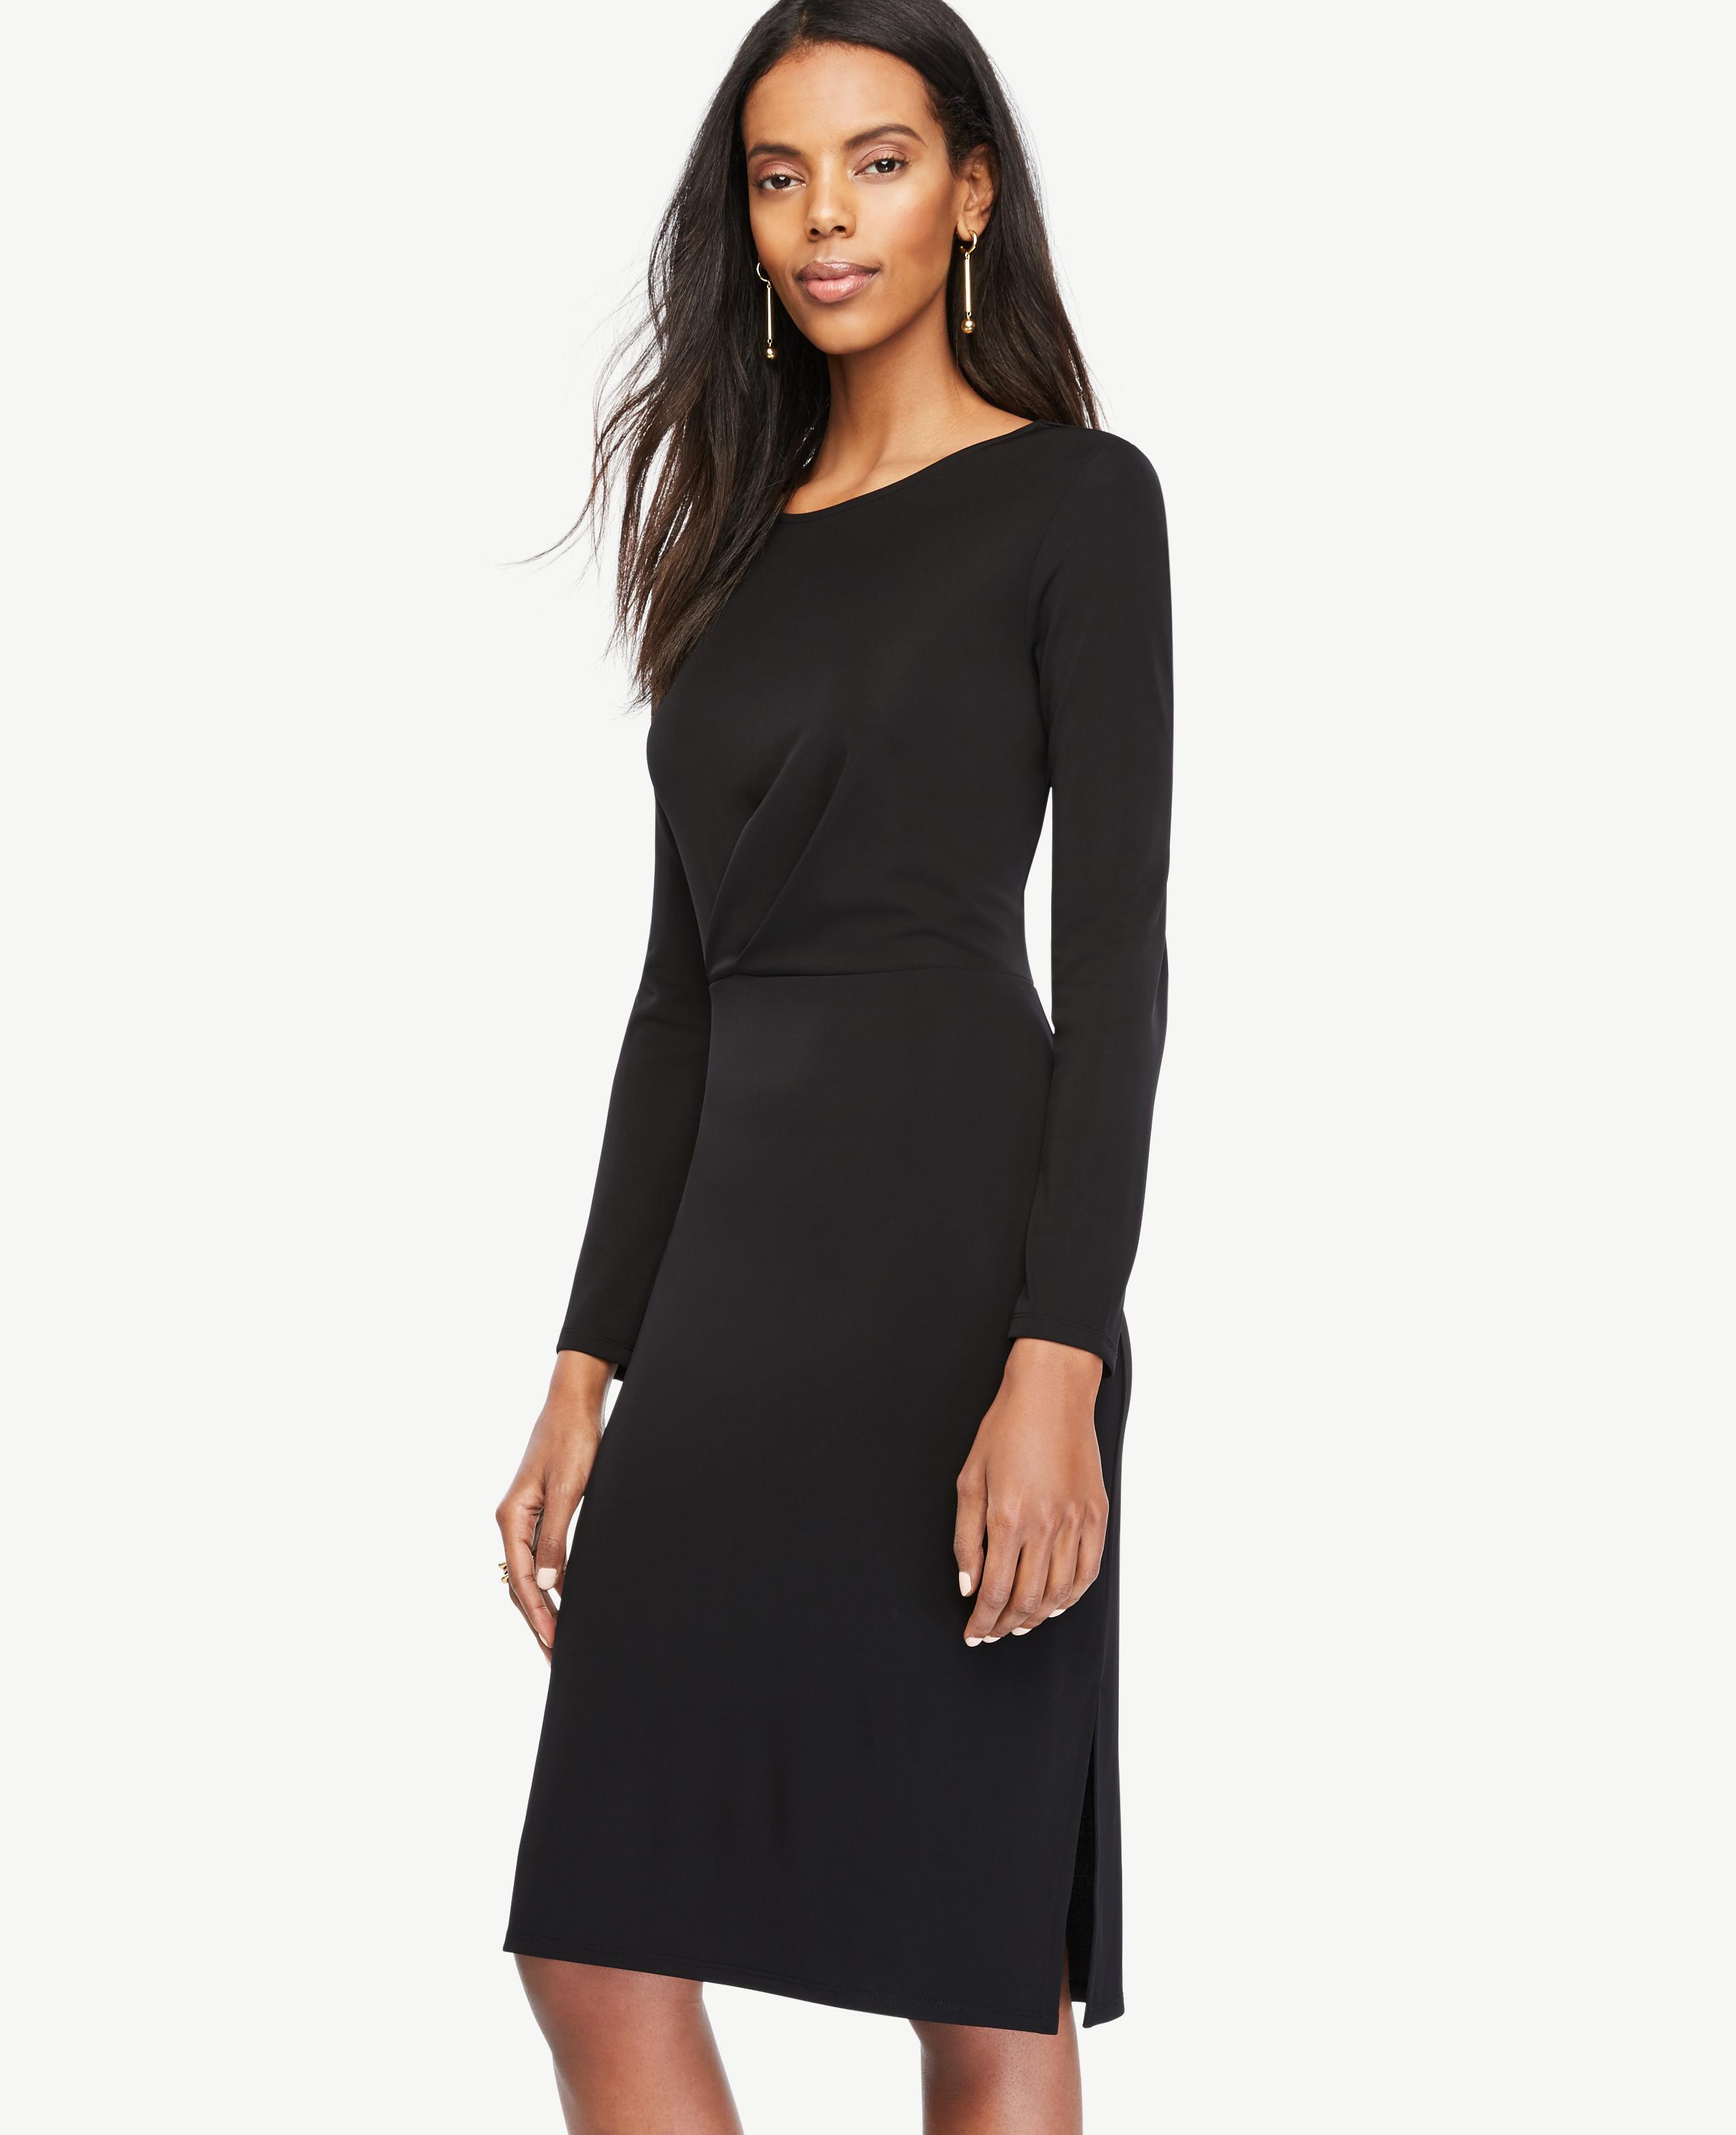 Lyst - Ann Taylor Draped Matte Jersey Sheath Dress in Black